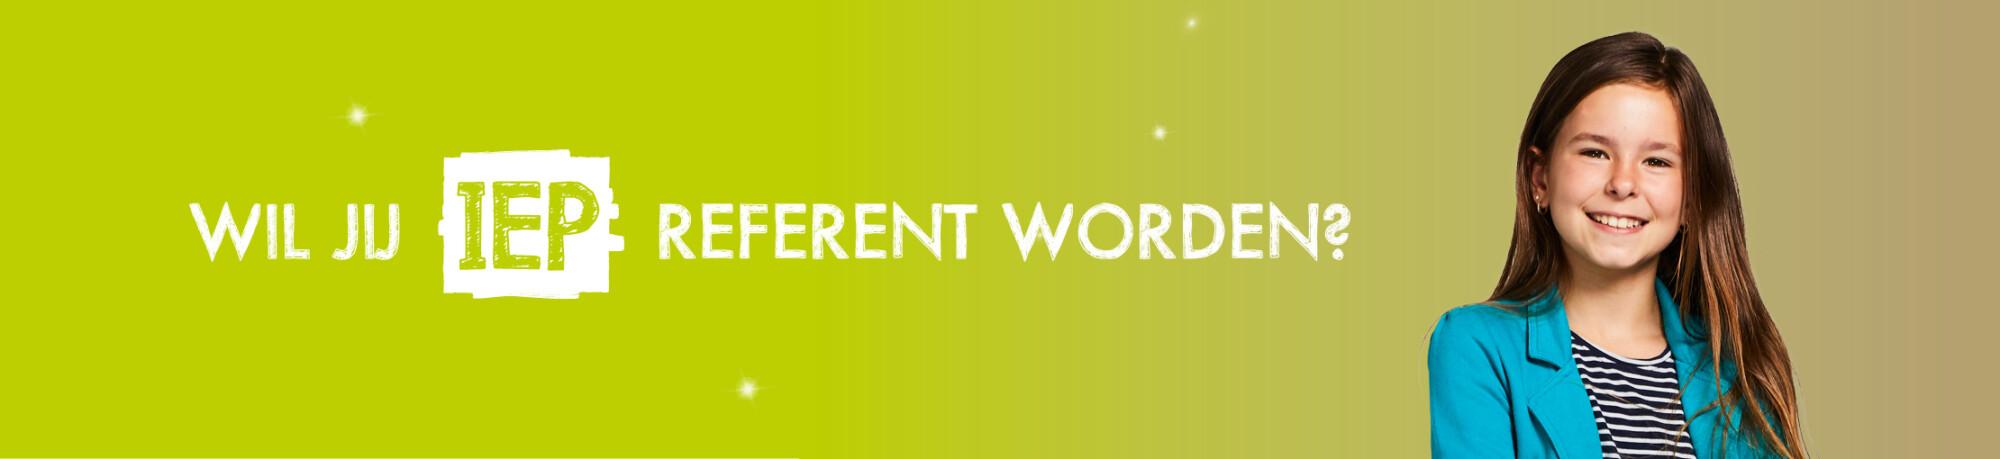 IEP Referent Worden Banner